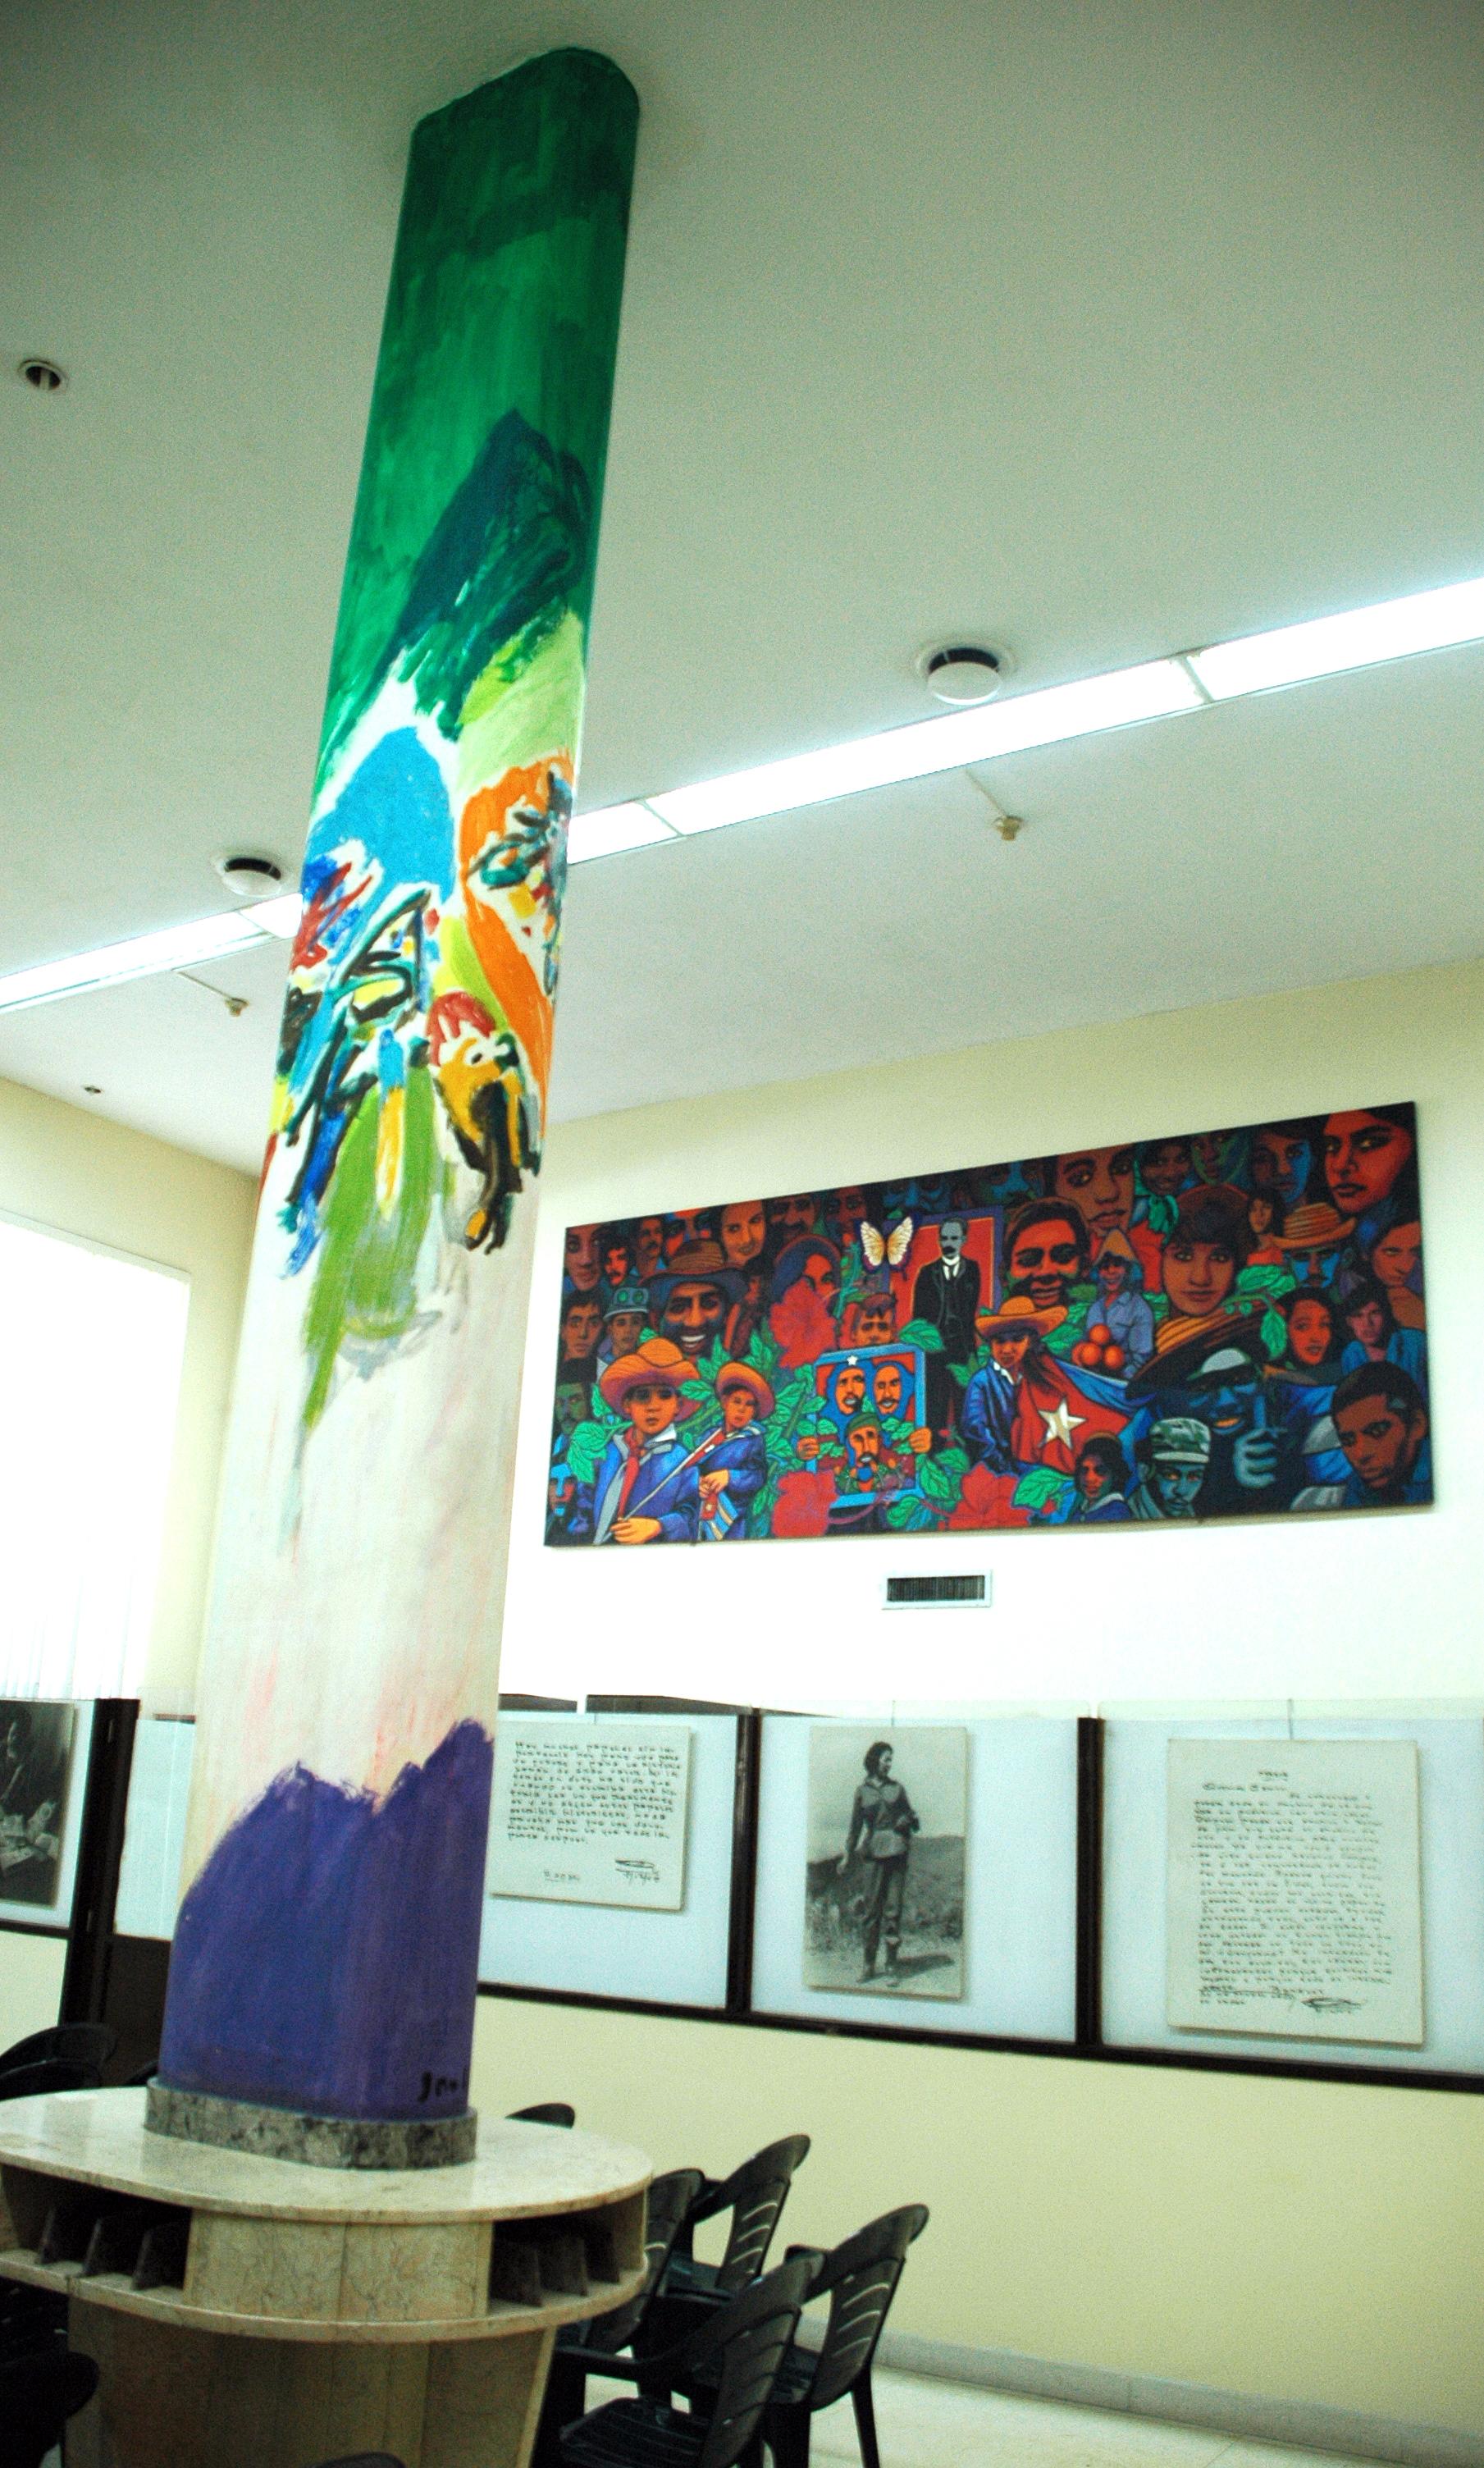 murales de Asger Jorn en Cuba en el edificio del Archivo del Consejo de Estado fotos KALOIAN (1)